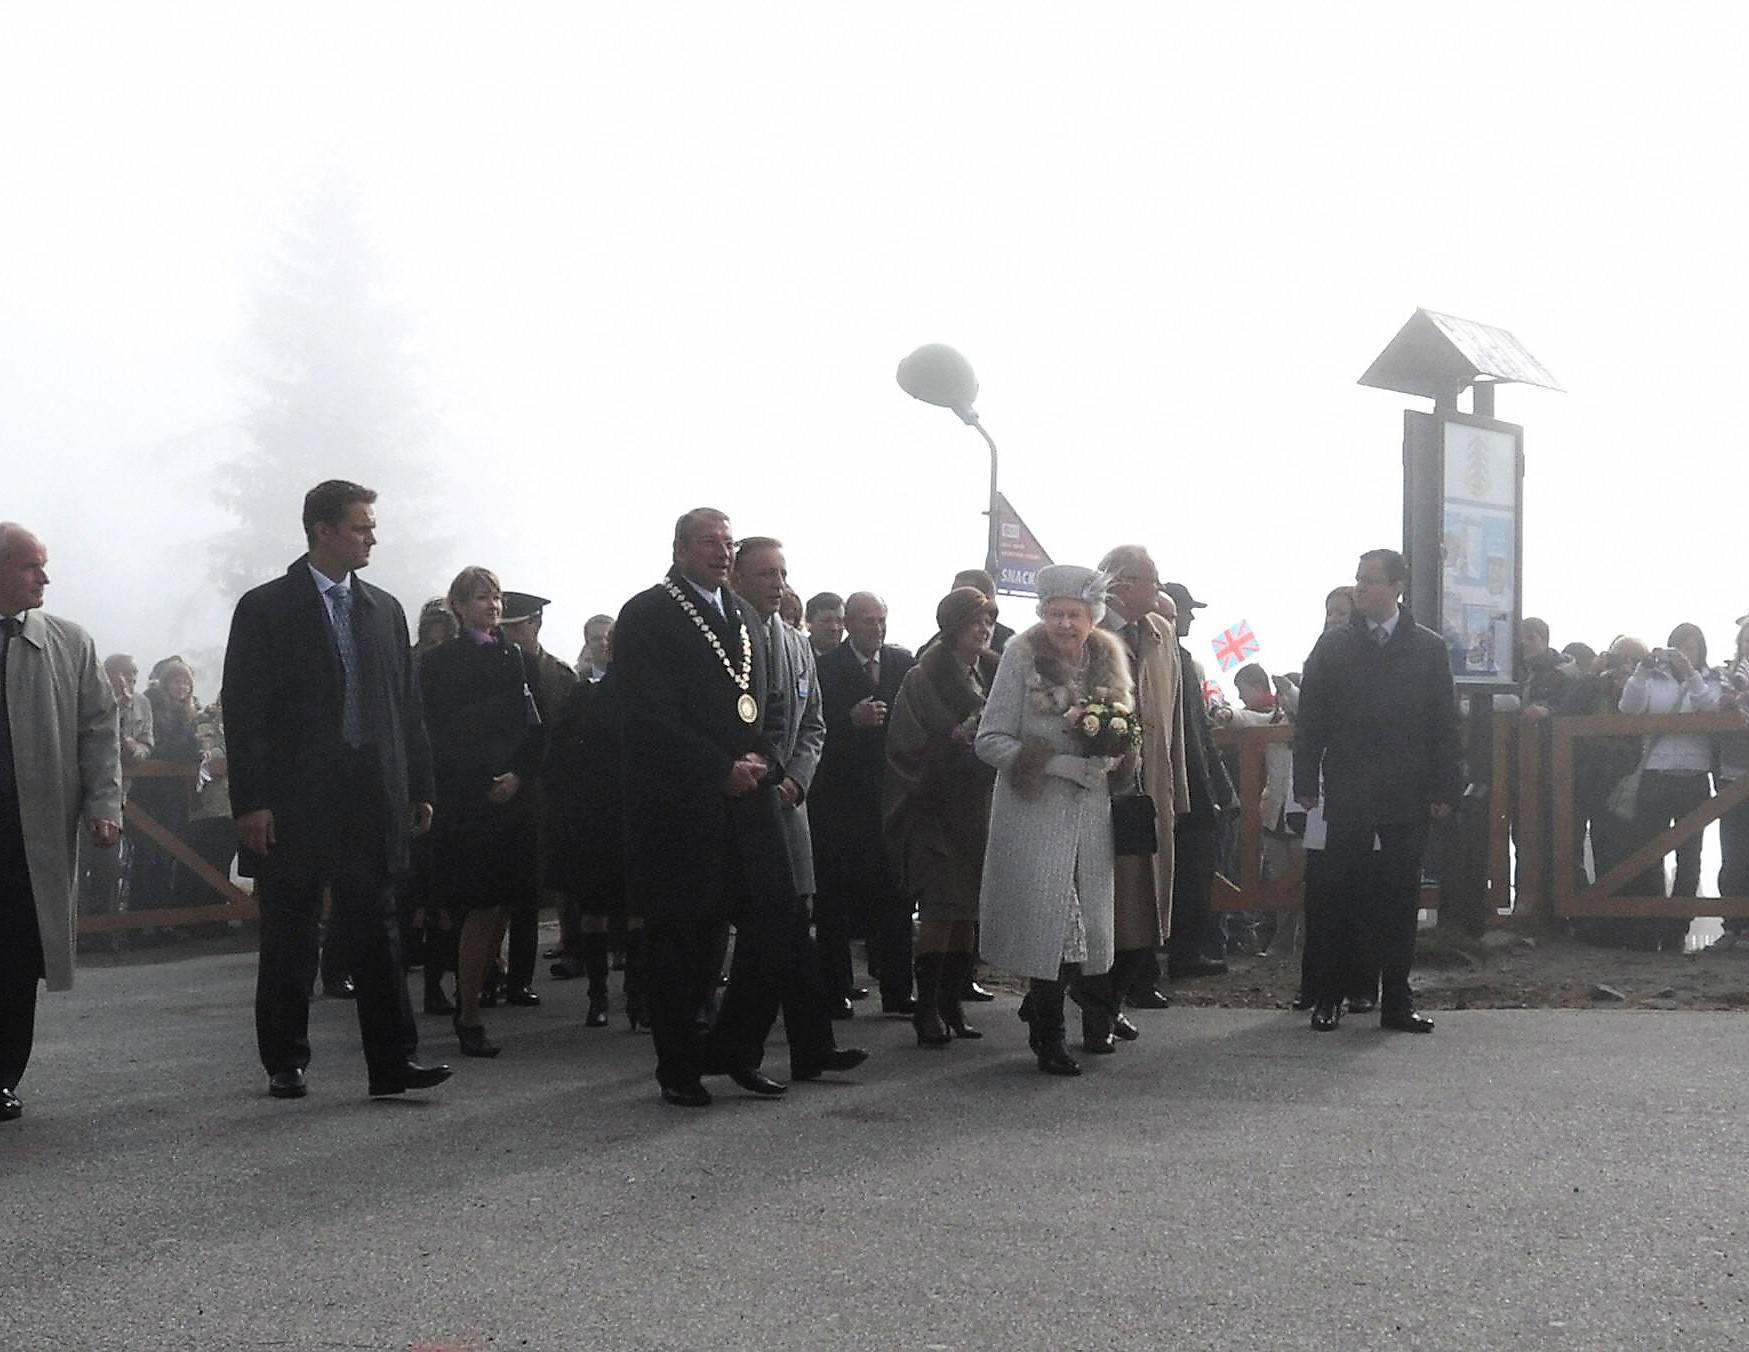 Bodyguards surround Queen Elizabeth II (